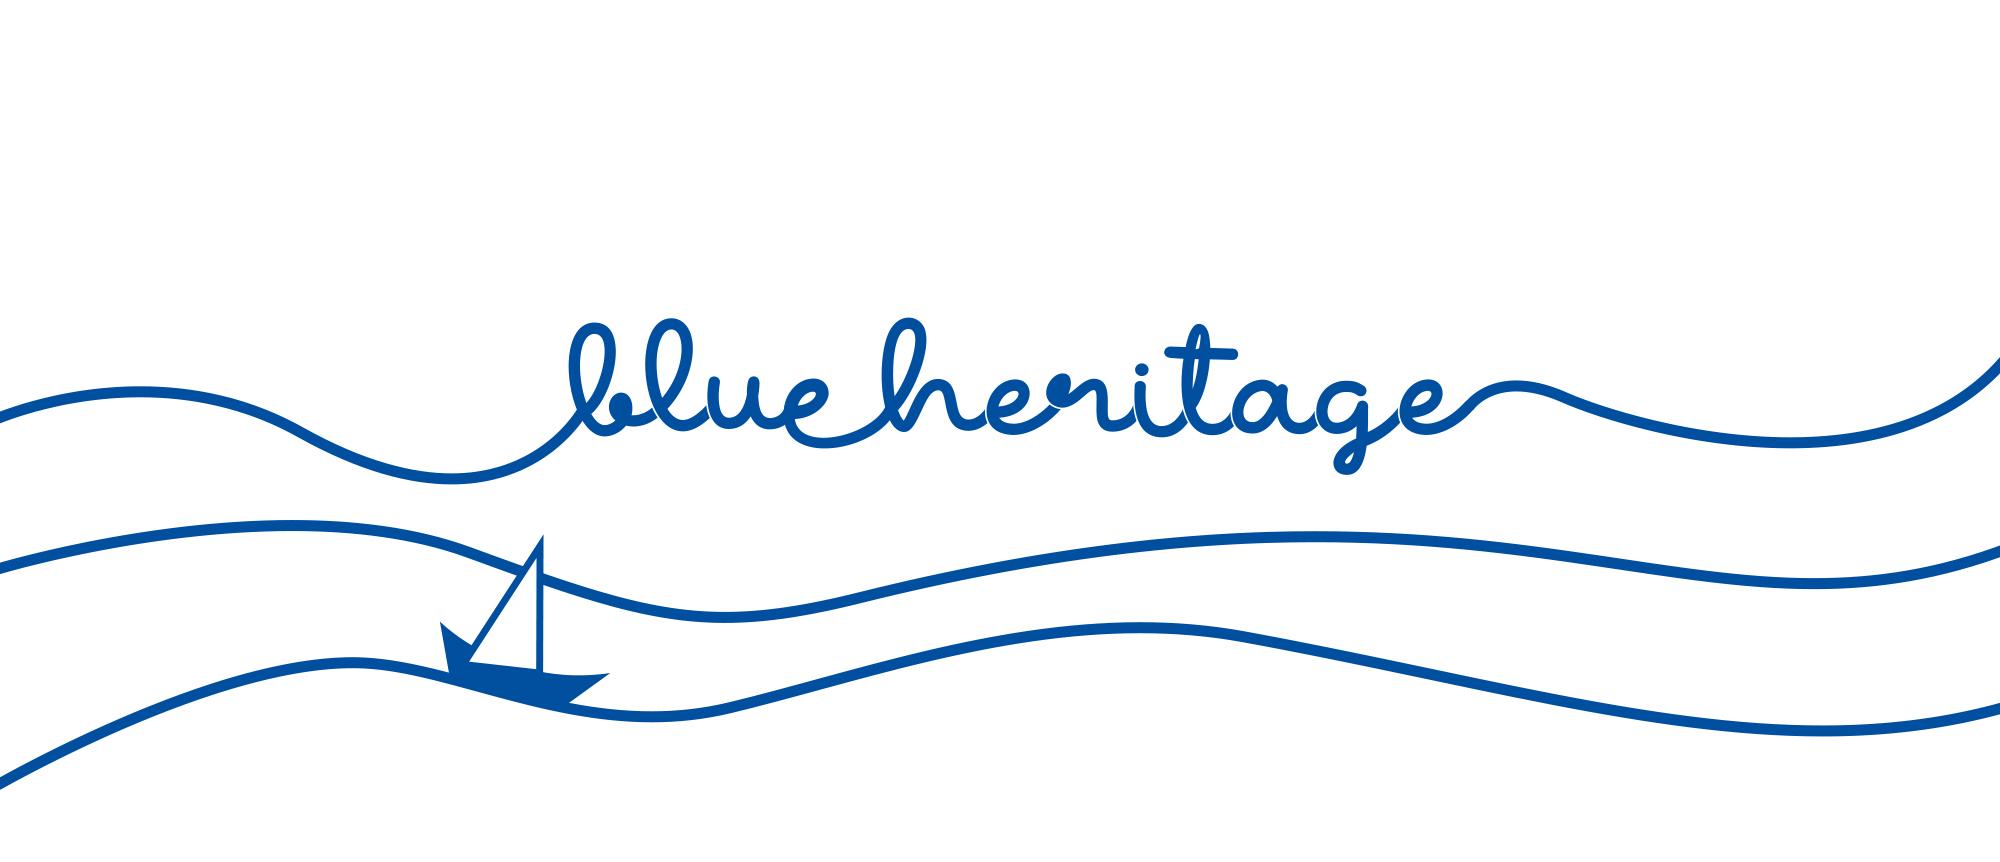 Blue Heritage, το νέο project των Διαδρομών στη Μάρπησσα